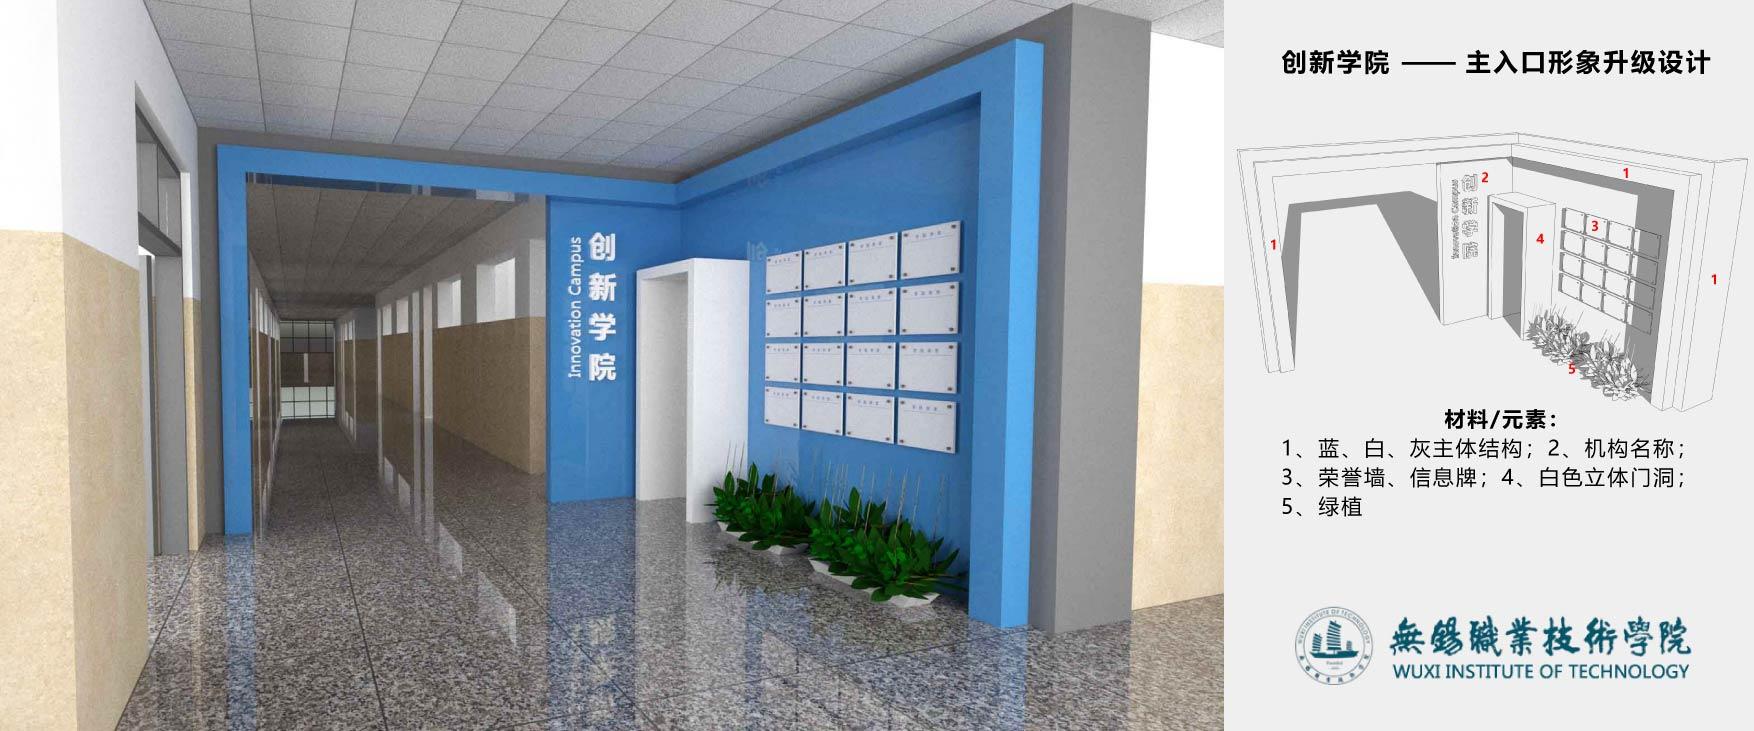 校园文化设计公司